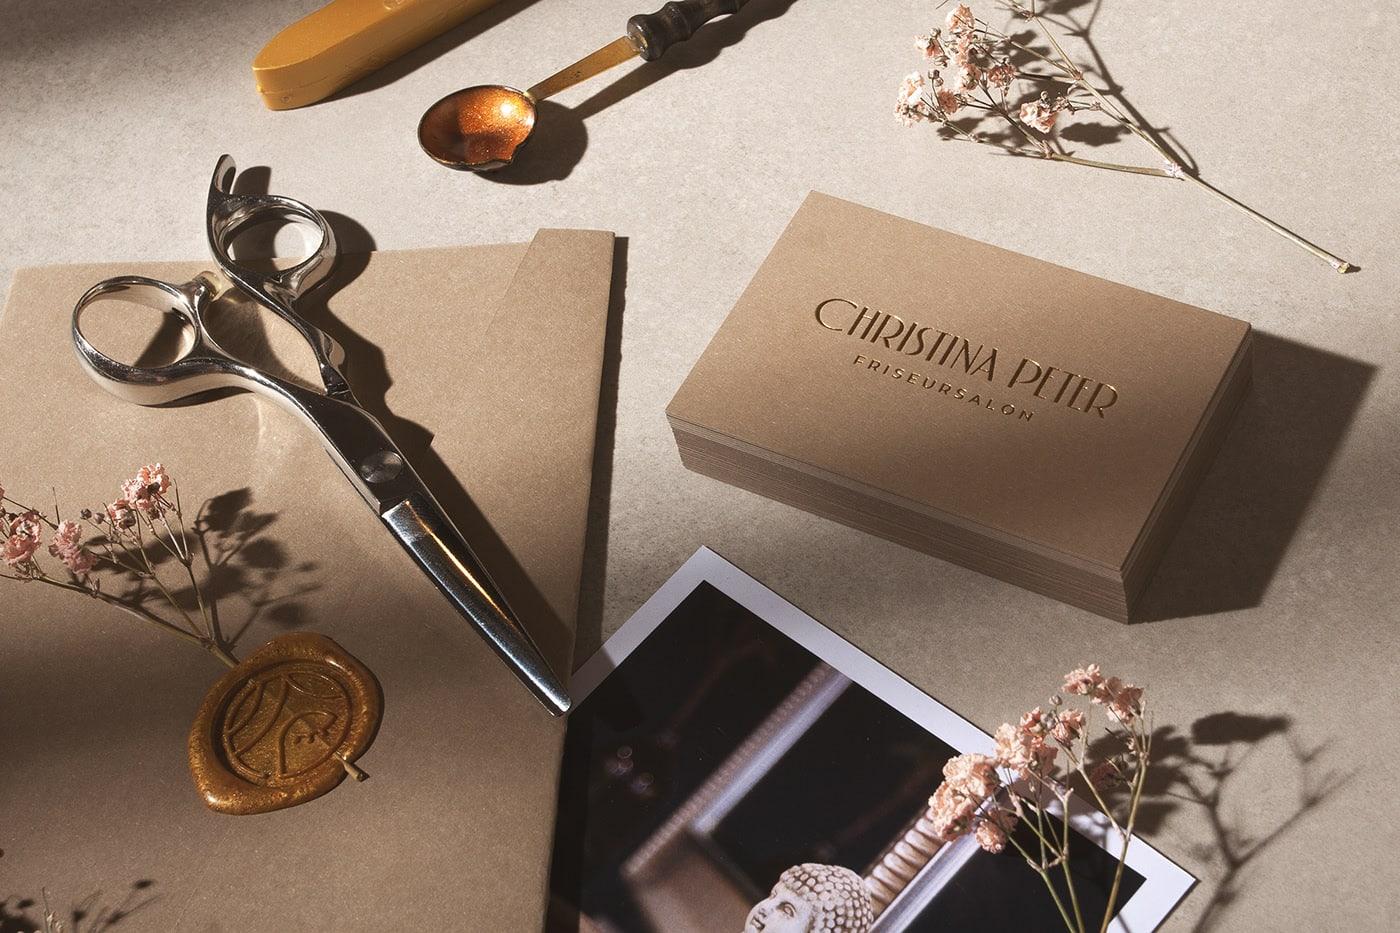 经典,温暖,优雅!Christina Peter美发沙龙品牌设计